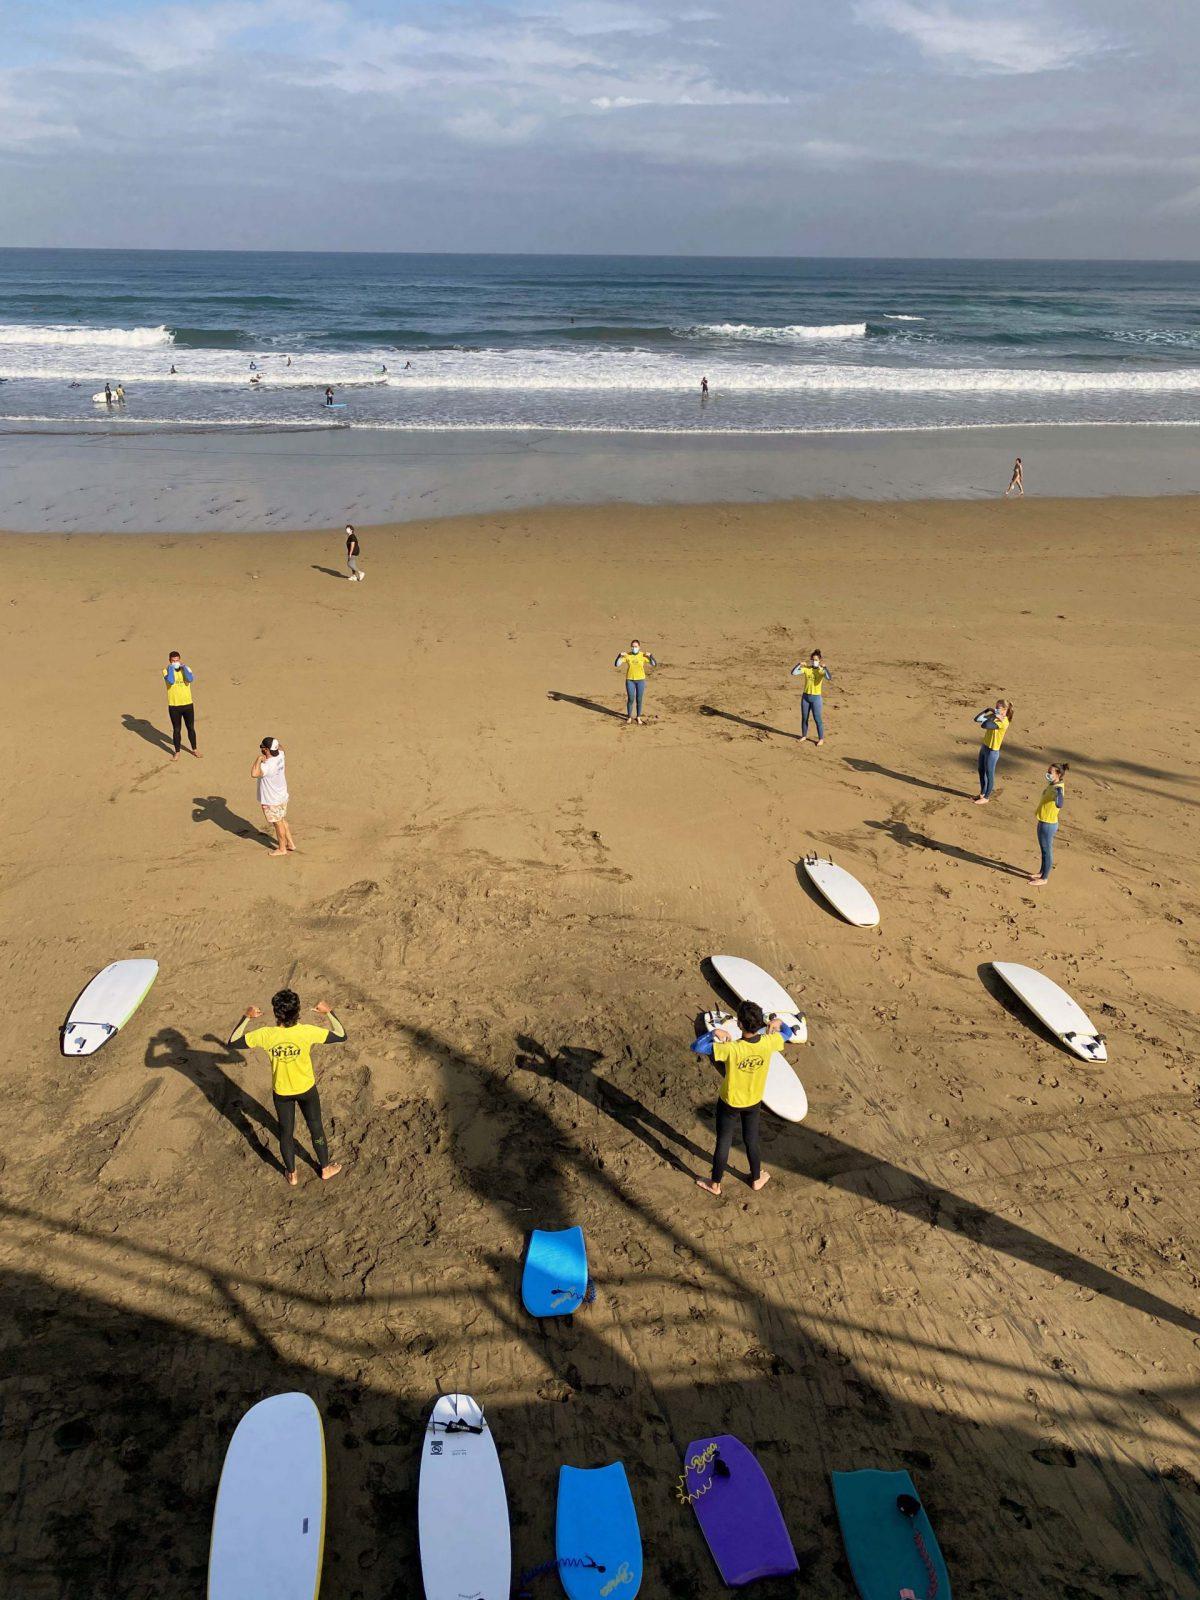 surf-lesson-warm-up-surf-camp-las-palmas